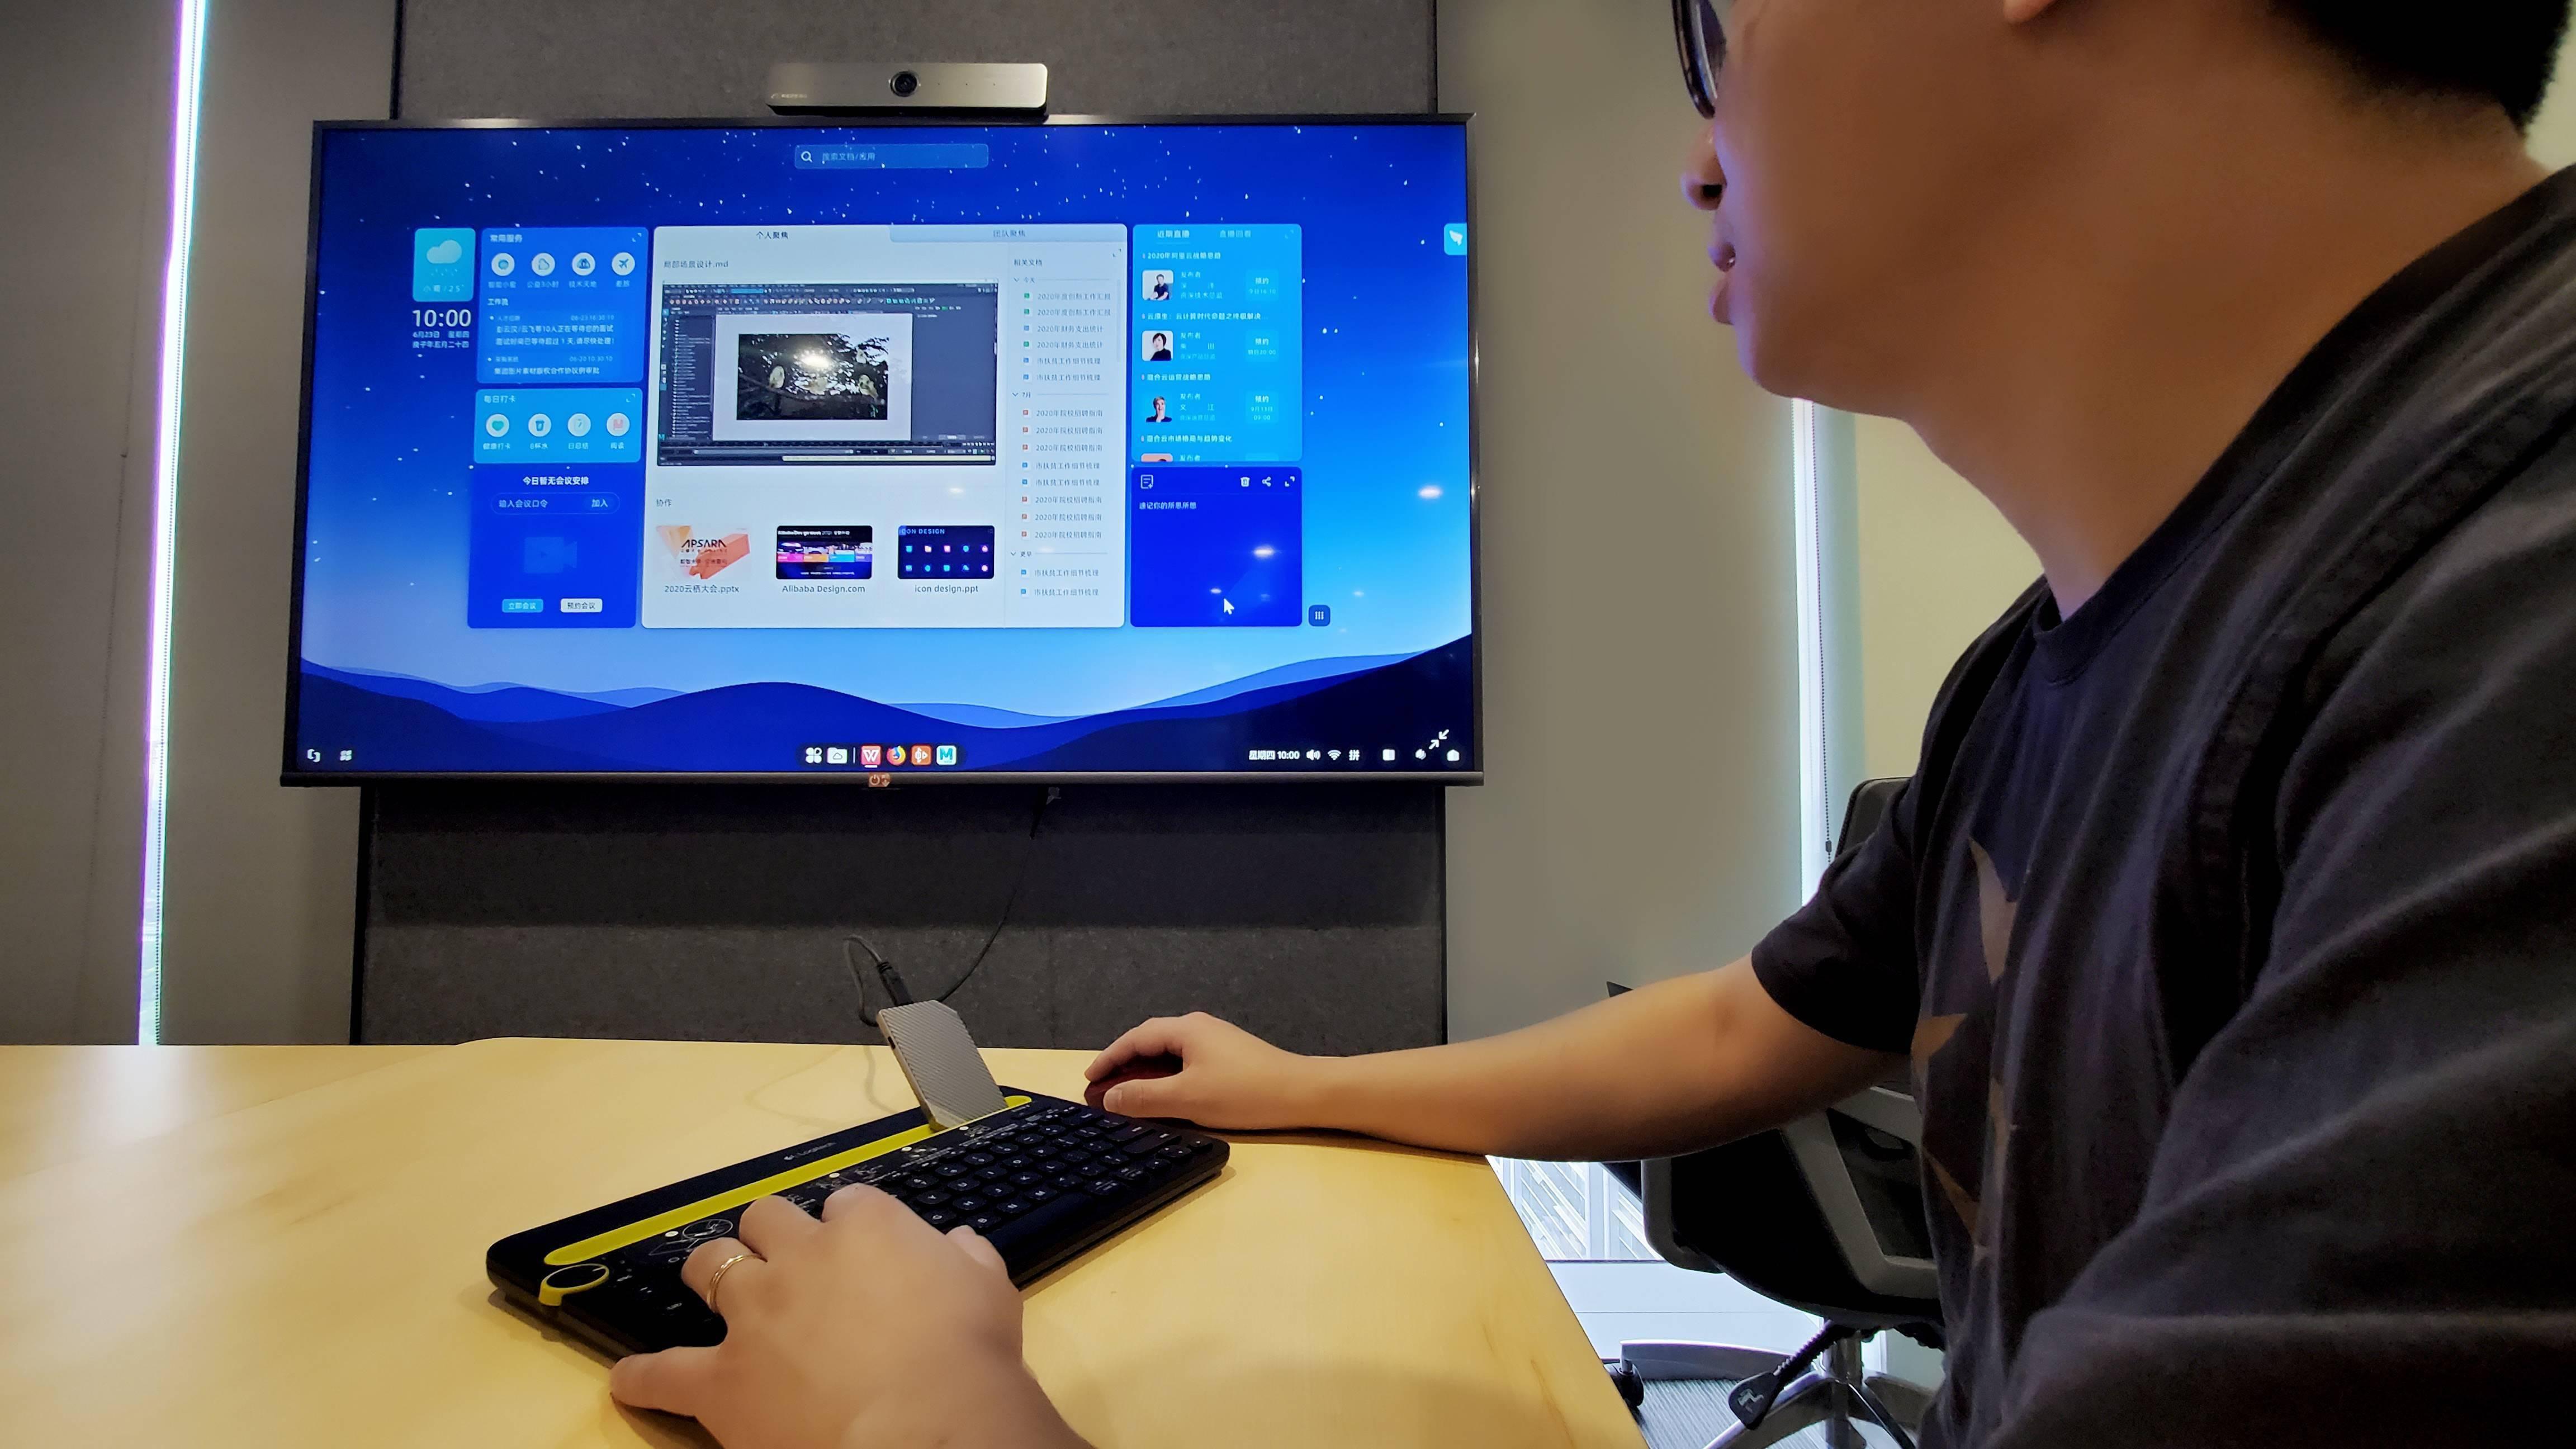 「看不见」主机的云电脑,是 PC 诞生以来的一次重要进化